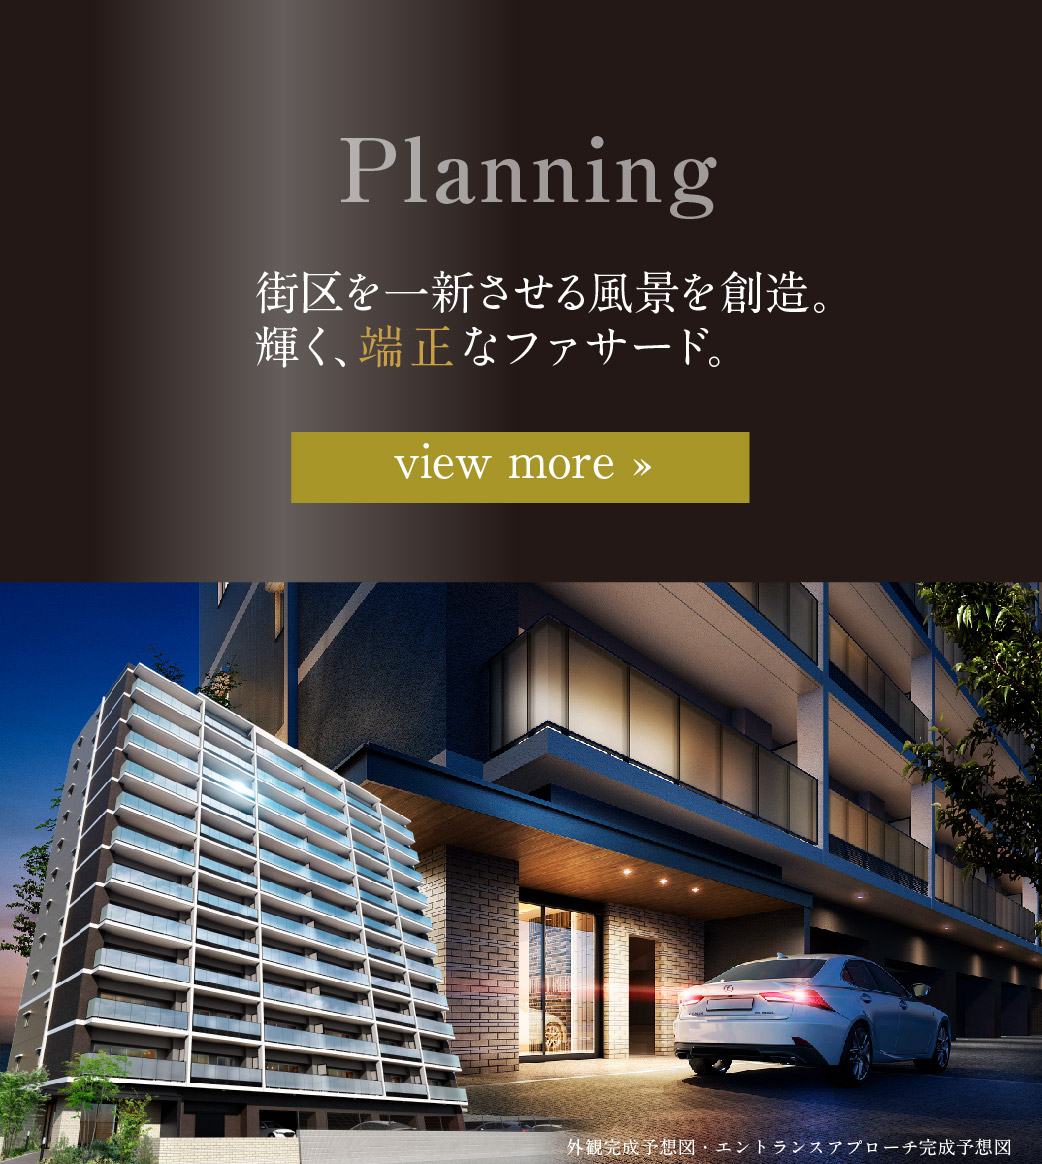 【 ブランニード河内小阪】Planning